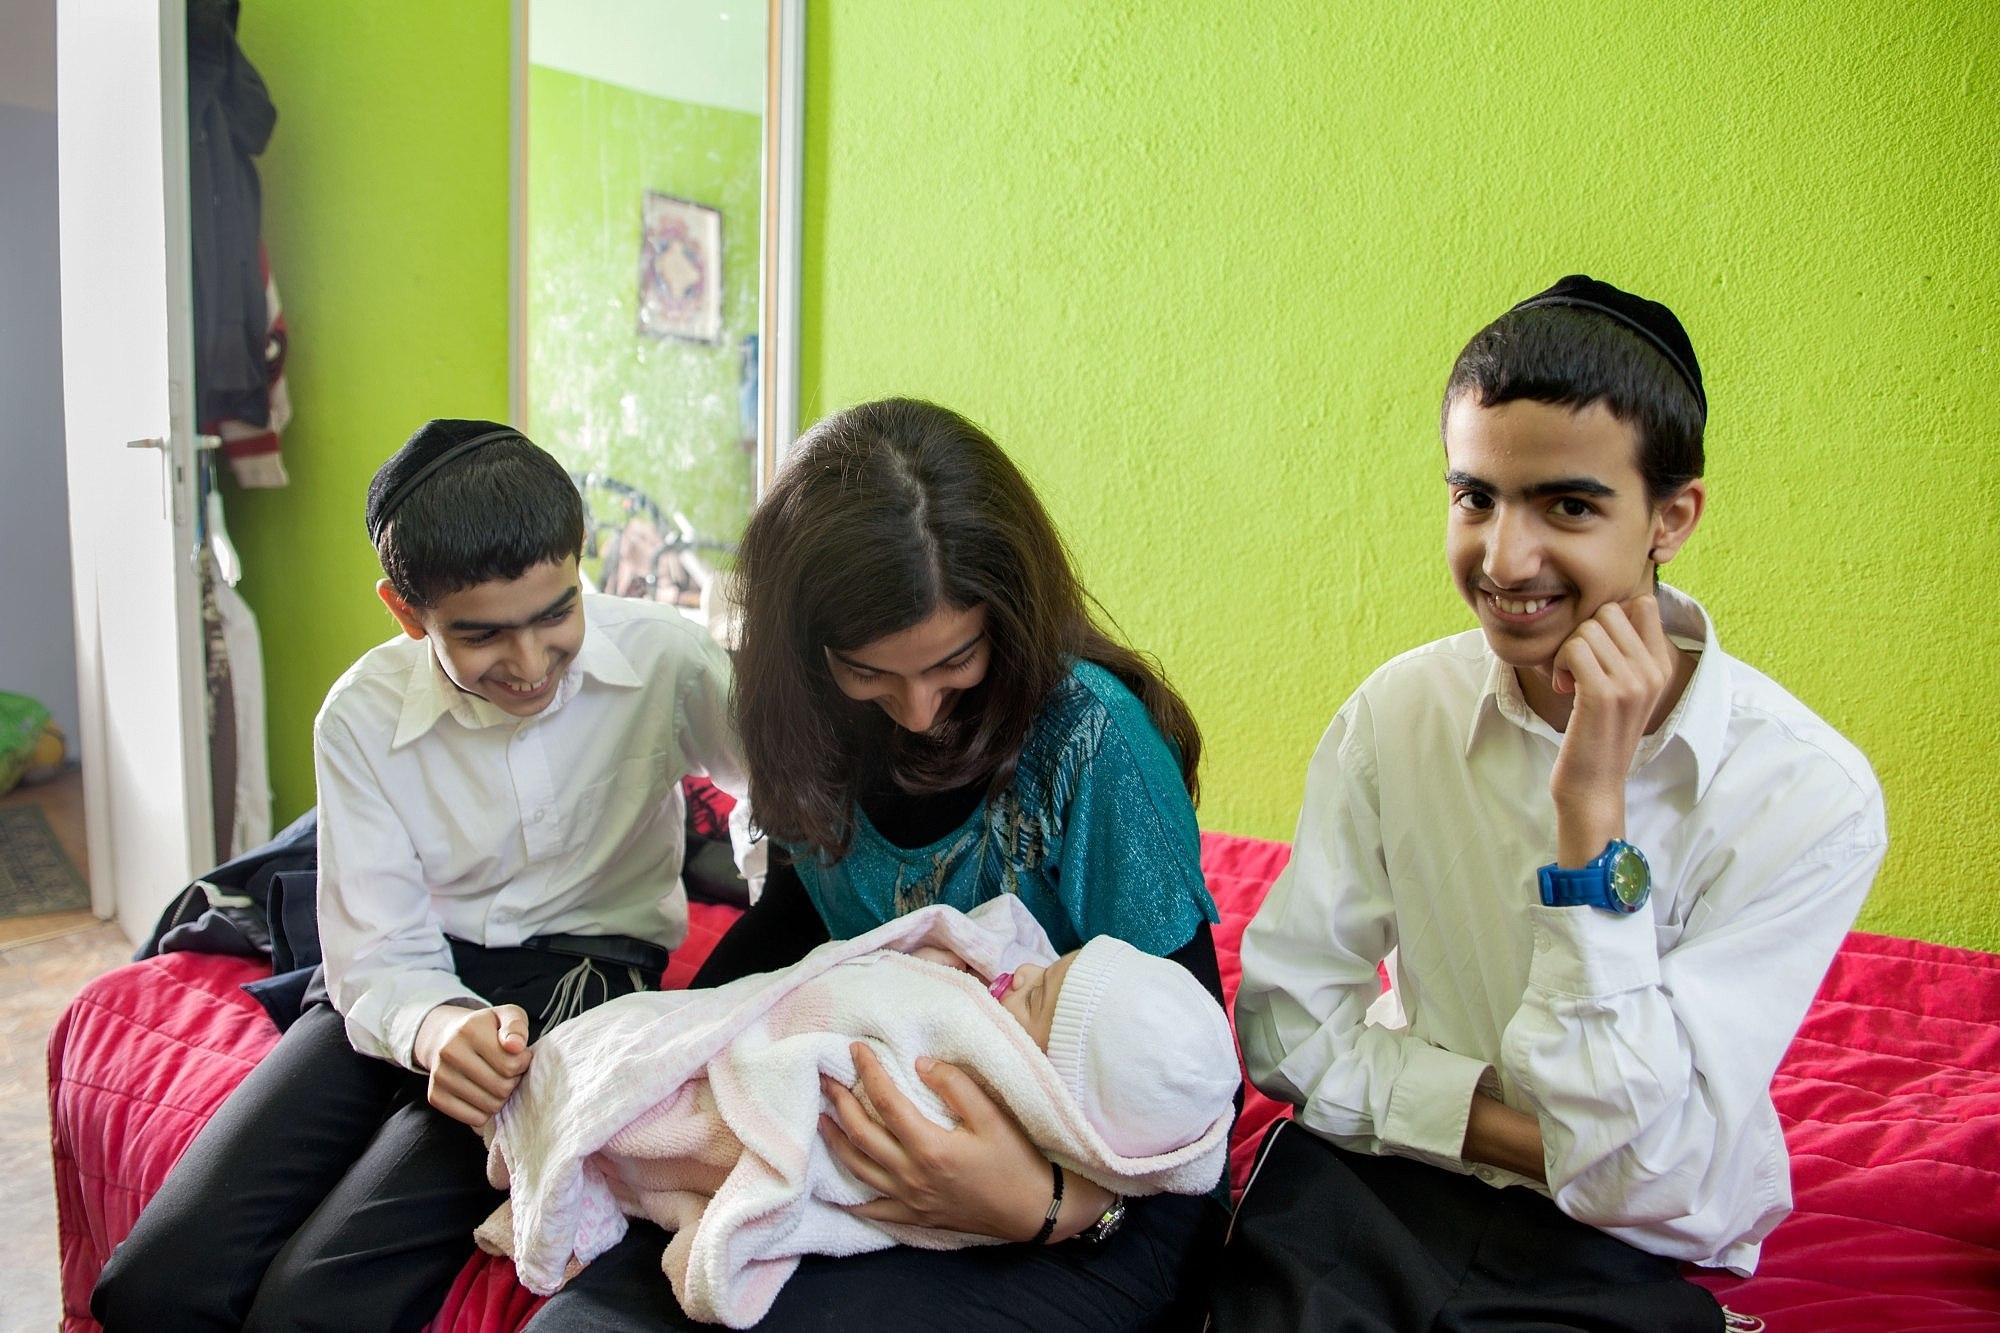 Rabbi family Daus with their newborn child,  photo by Benyamin Reich